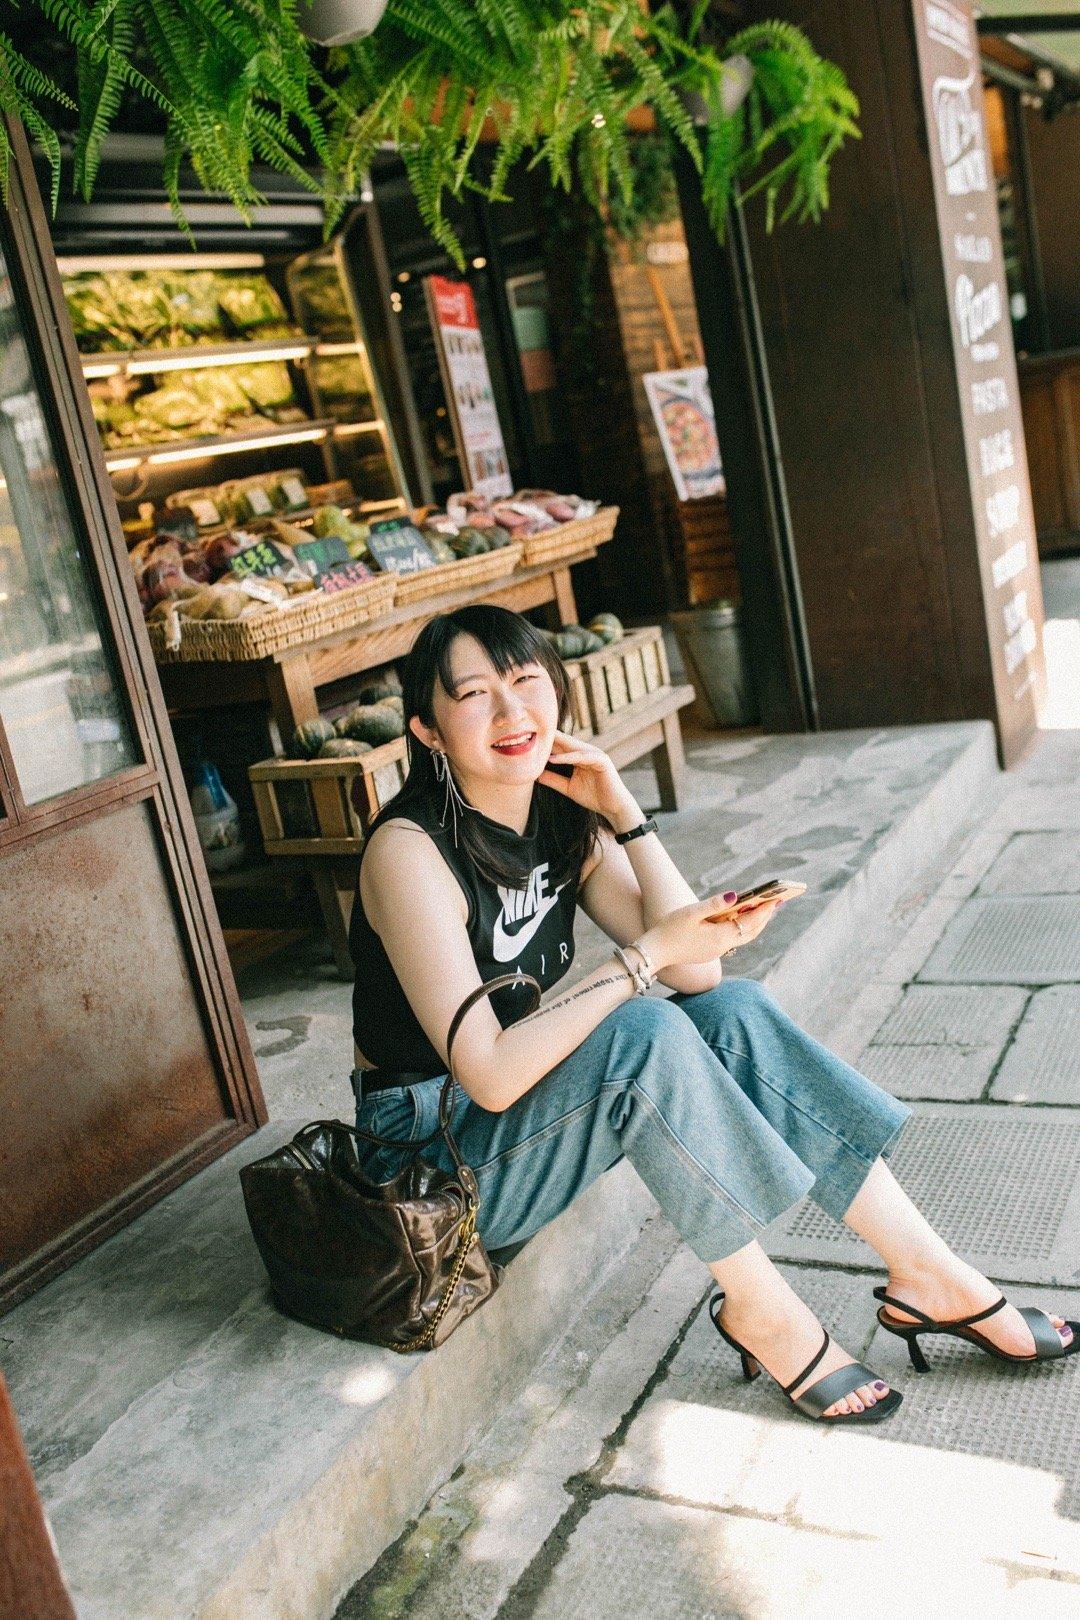 章小蕙说,再时髦再漂亮的衣服都只是衬托着个人气质而已